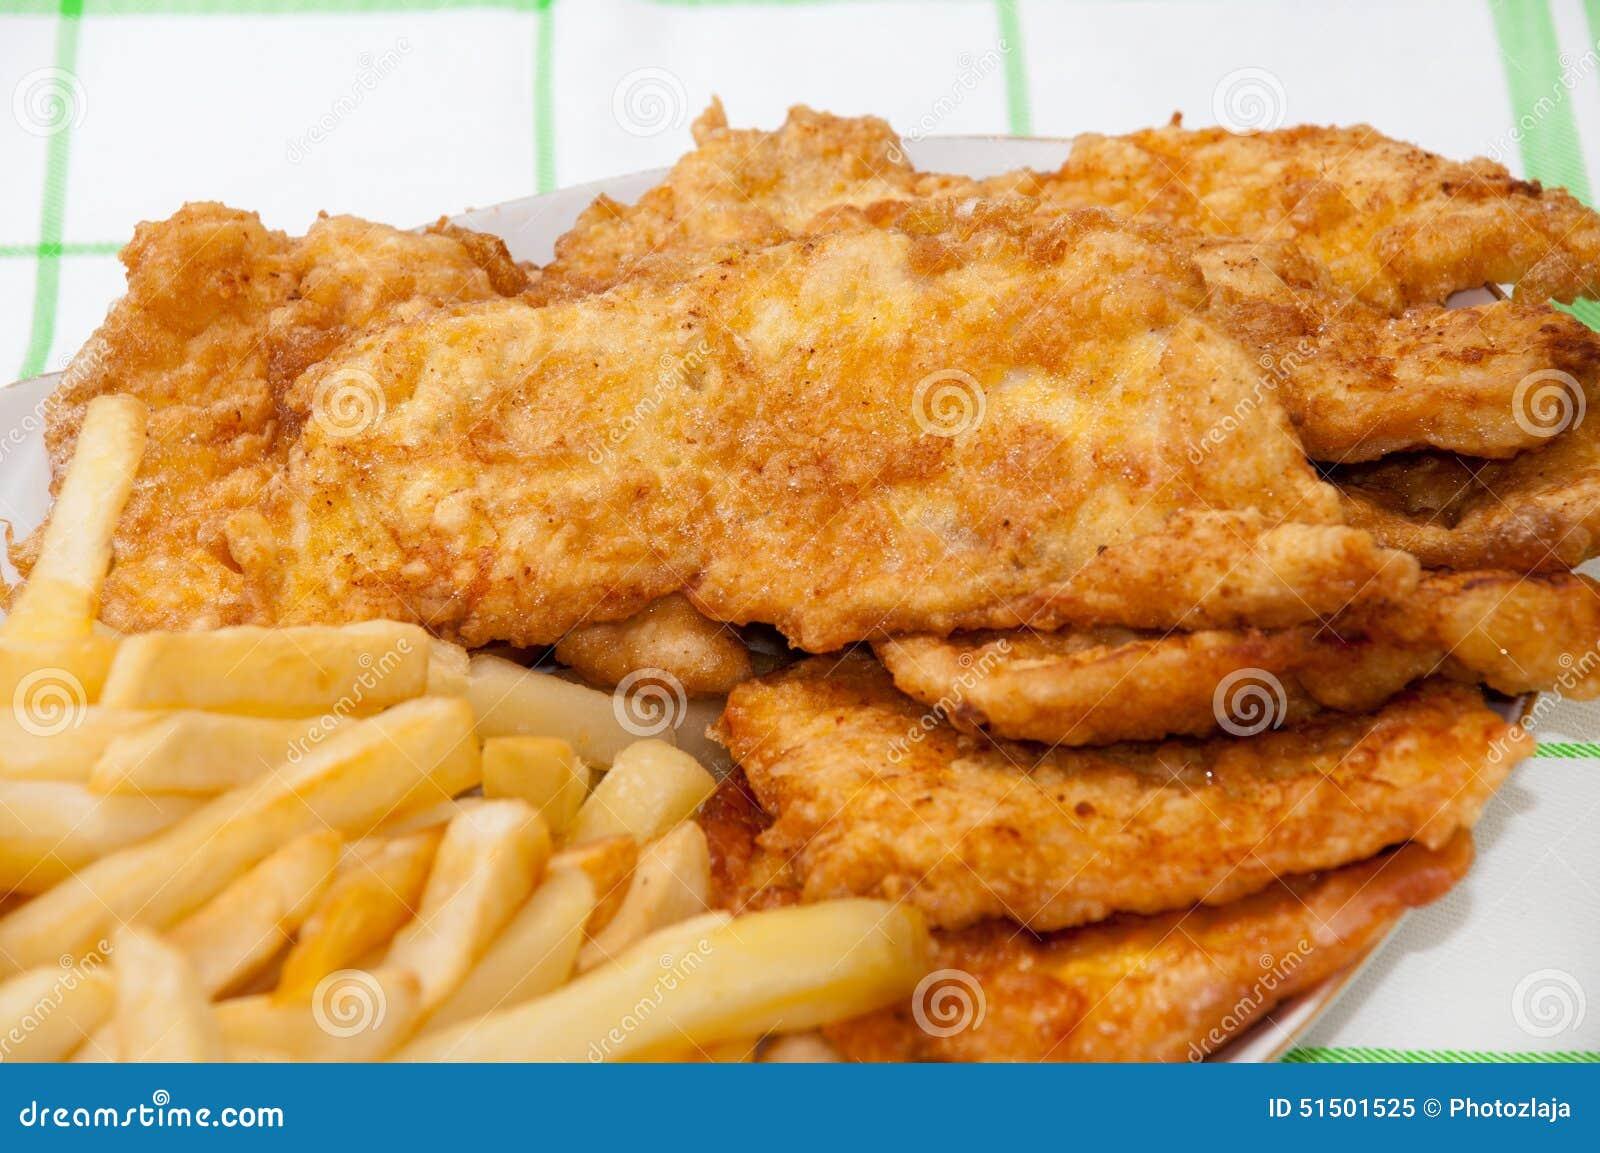 blanc de poulet frit served et pommes frites image stock image du sein nourriture 51501525. Black Bedroom Furniture Sets. Home Design Ideas